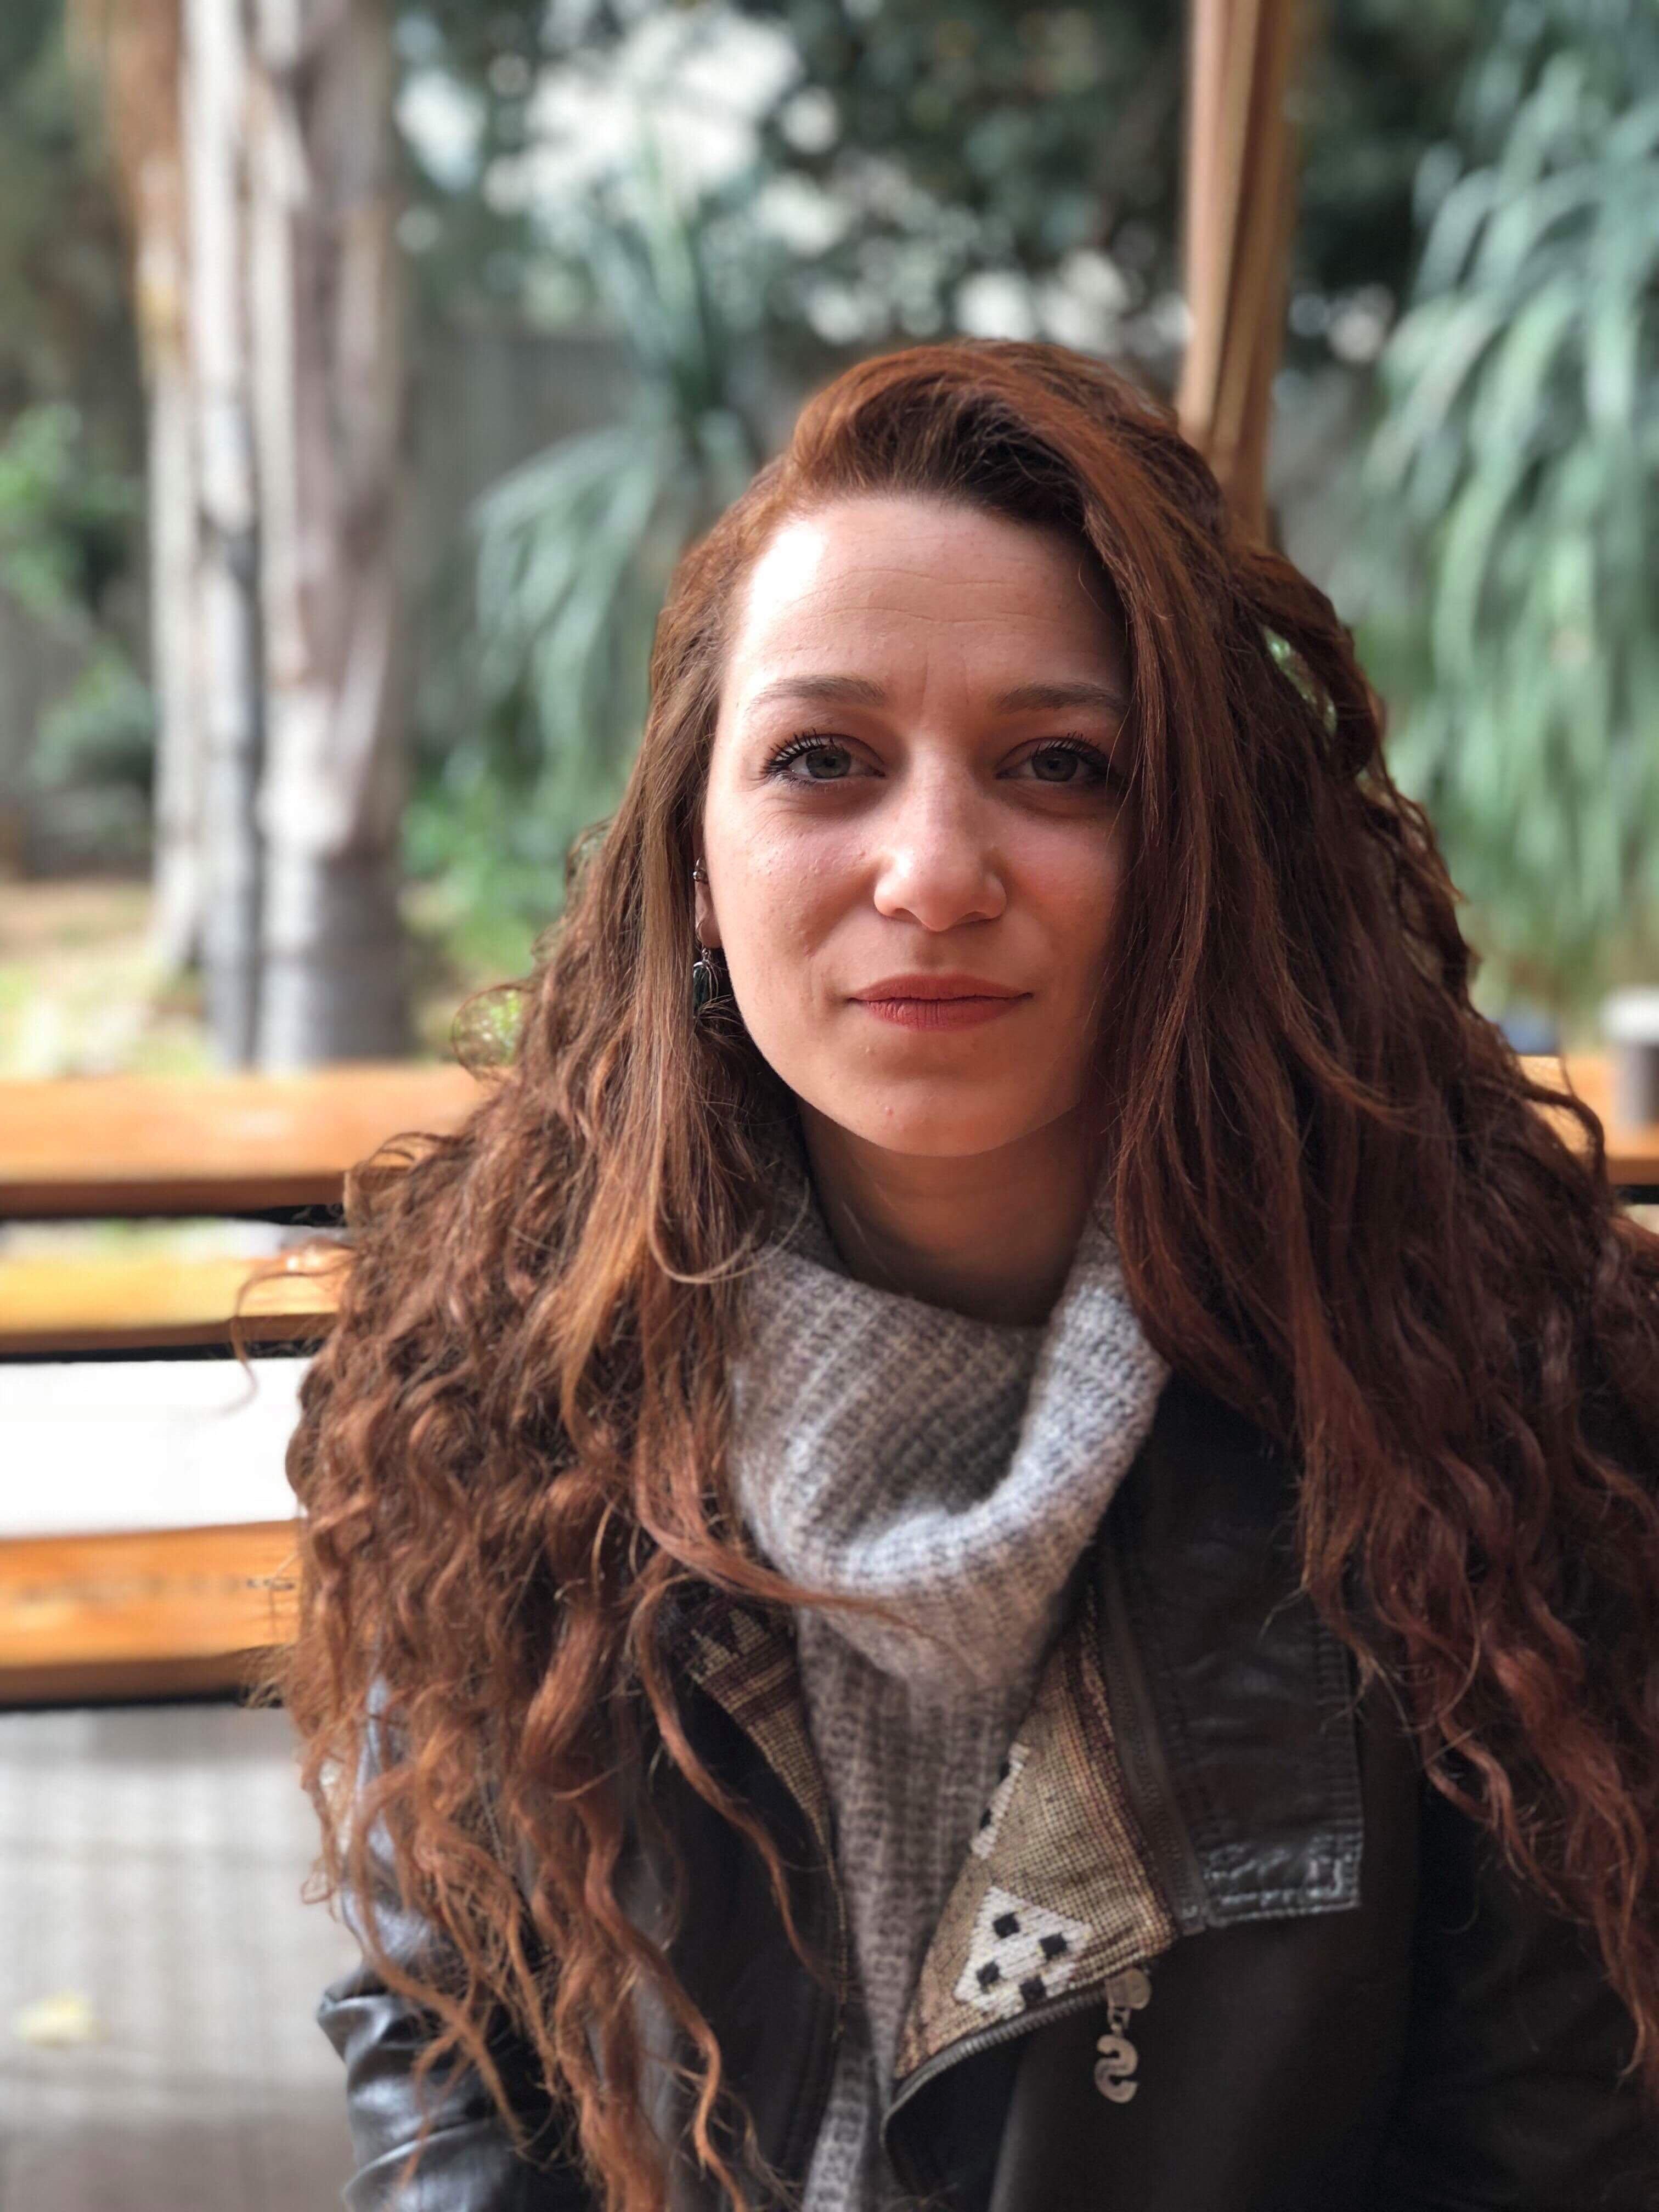 طلاب من جامعة تل أبيب:سنتصدى لكل تطبيع